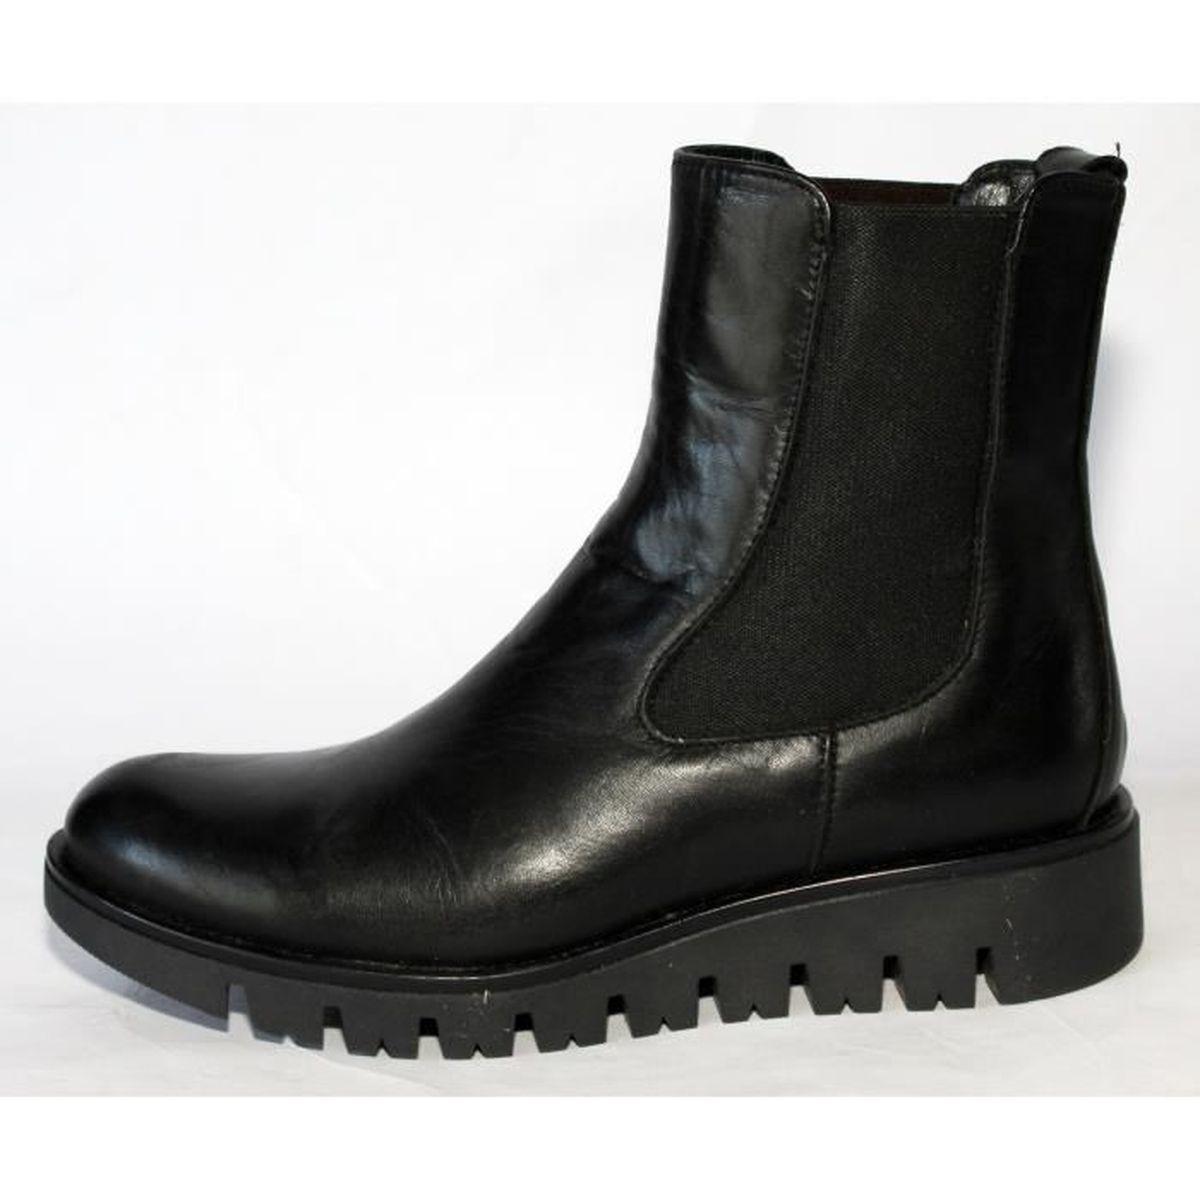 boots chelsea cuir noir femme - achat / vente pas cher - cdiscount